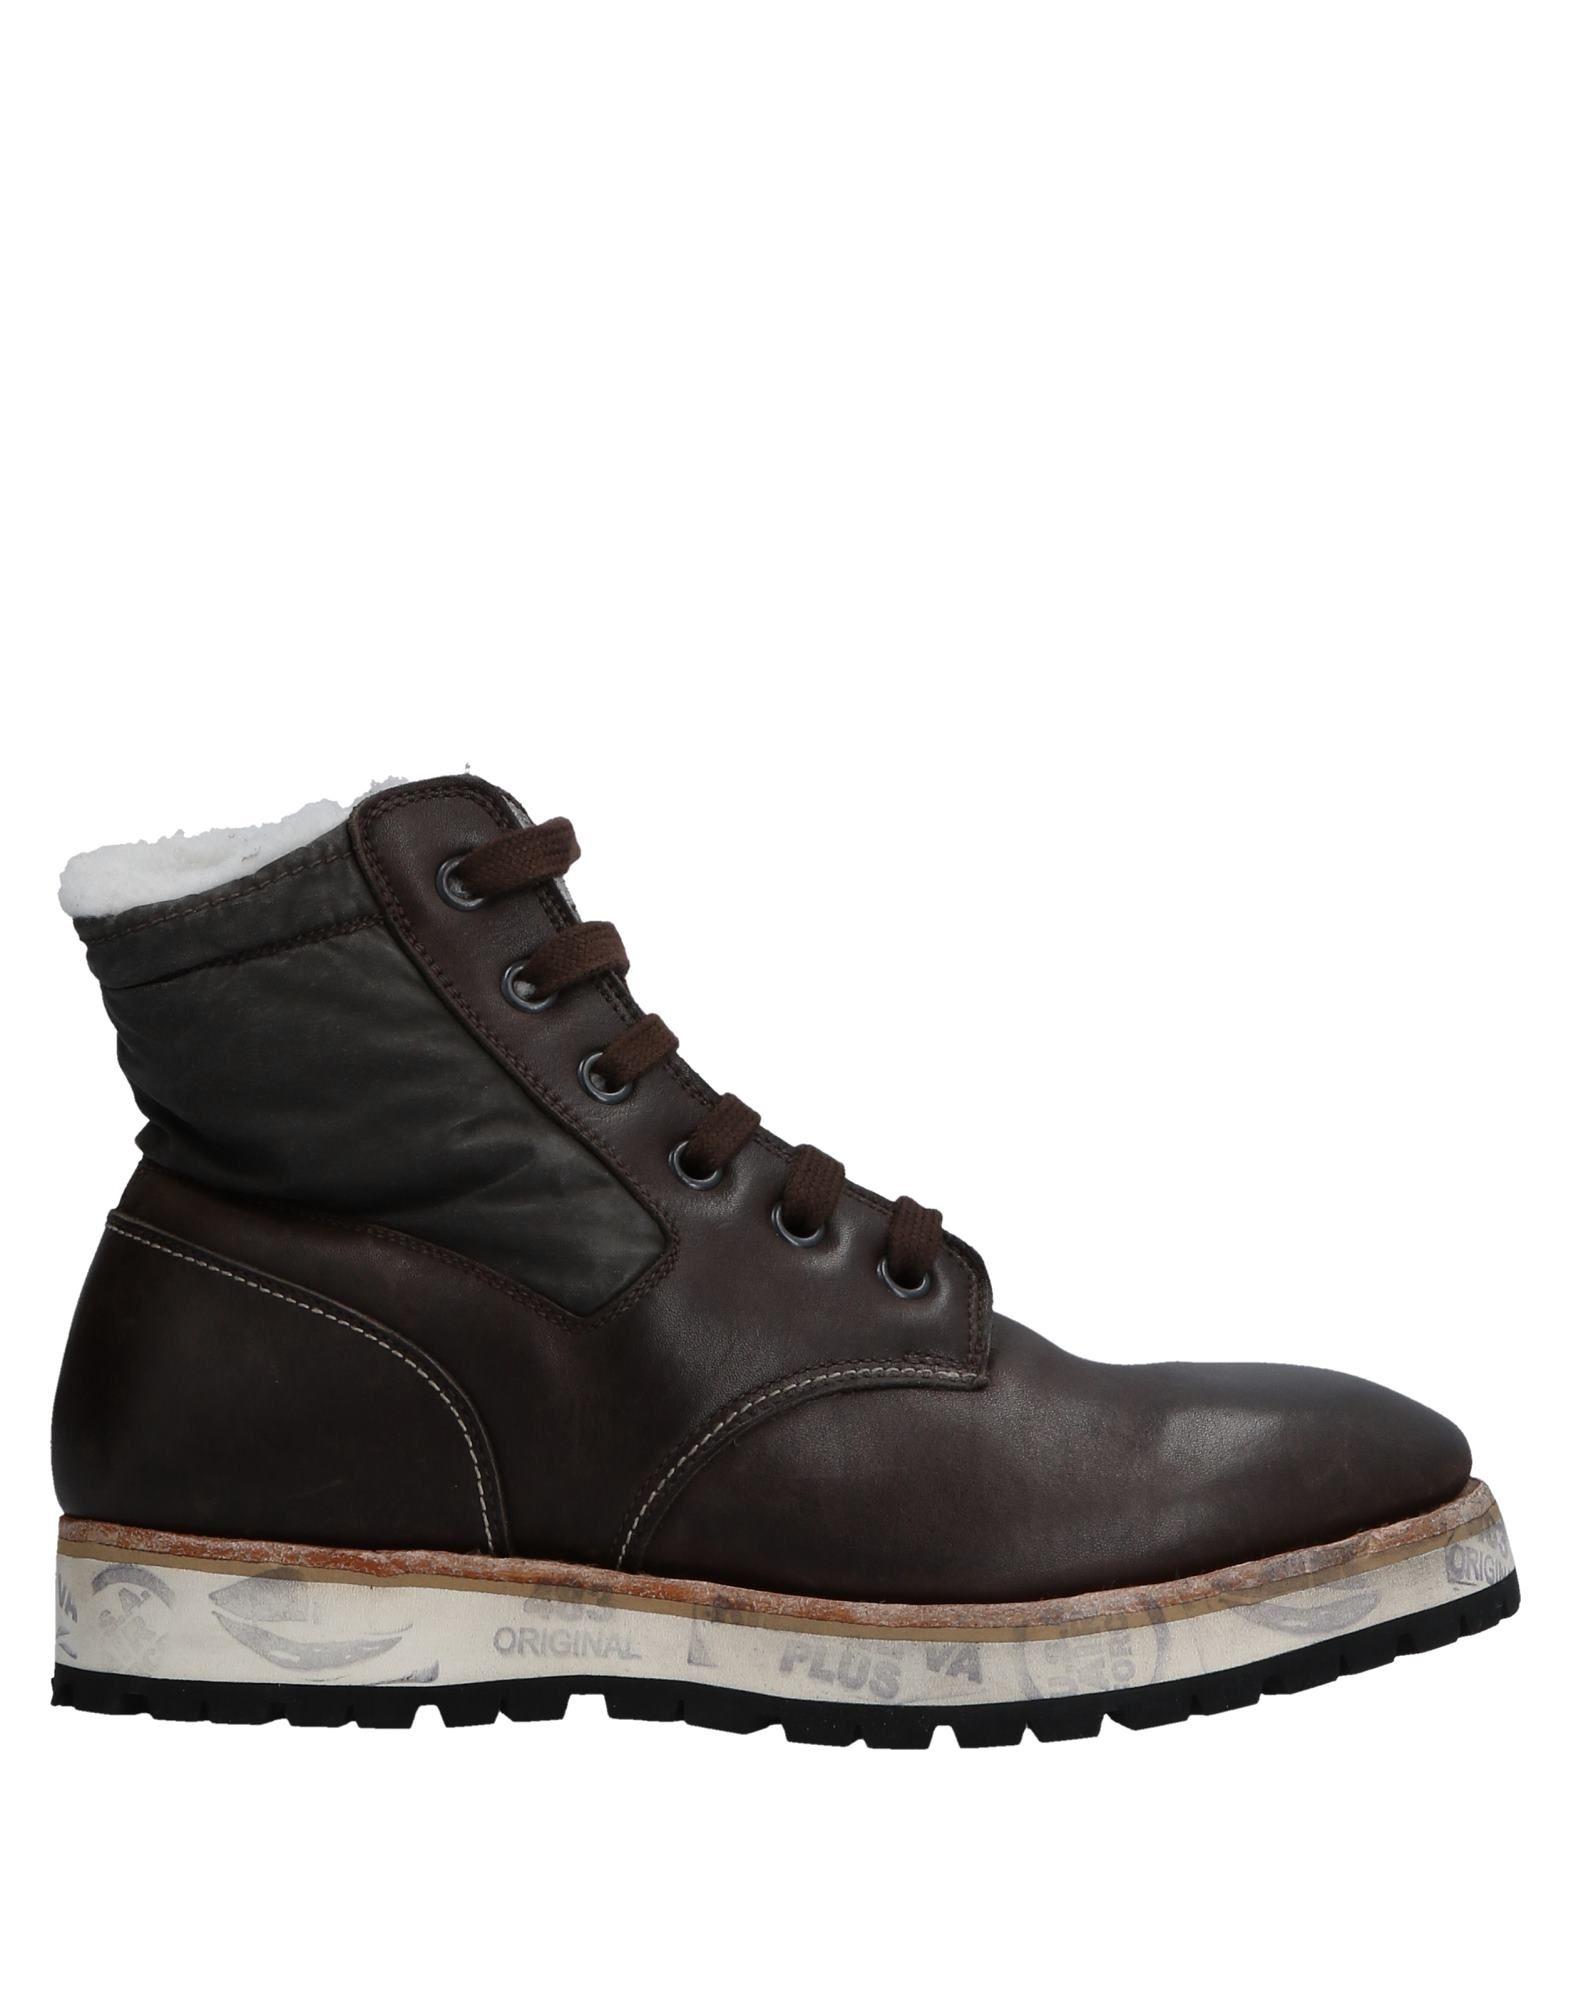 Premiata Stiefelette Herren  11528803MW Gute Qualität beliebte Schuhe